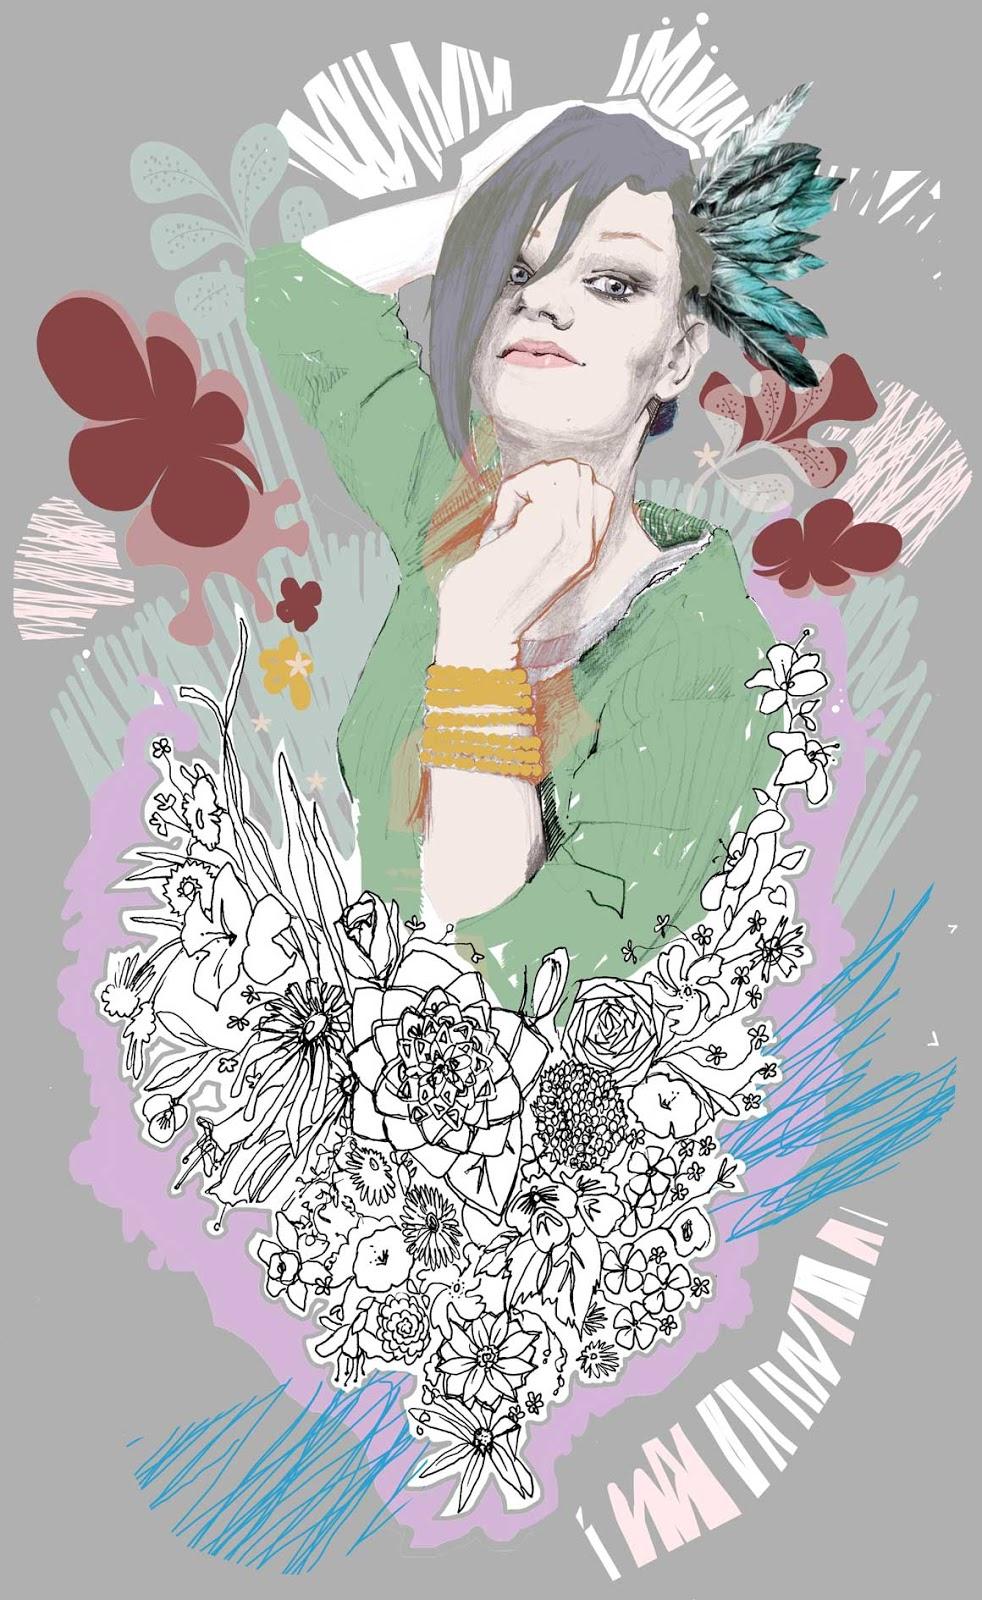 ilustracje Urbaniak portrety ilustracja na blogi strony internetowe do artykułów wierszy opowiadań